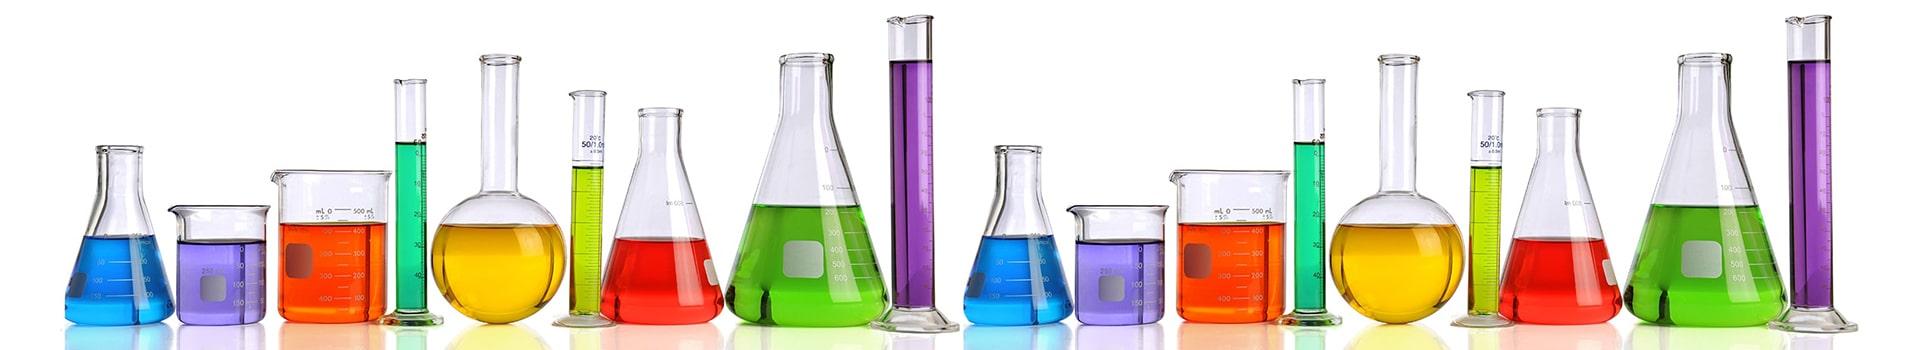 Сертификация ЕСТ химикатов и нефтепродуктов